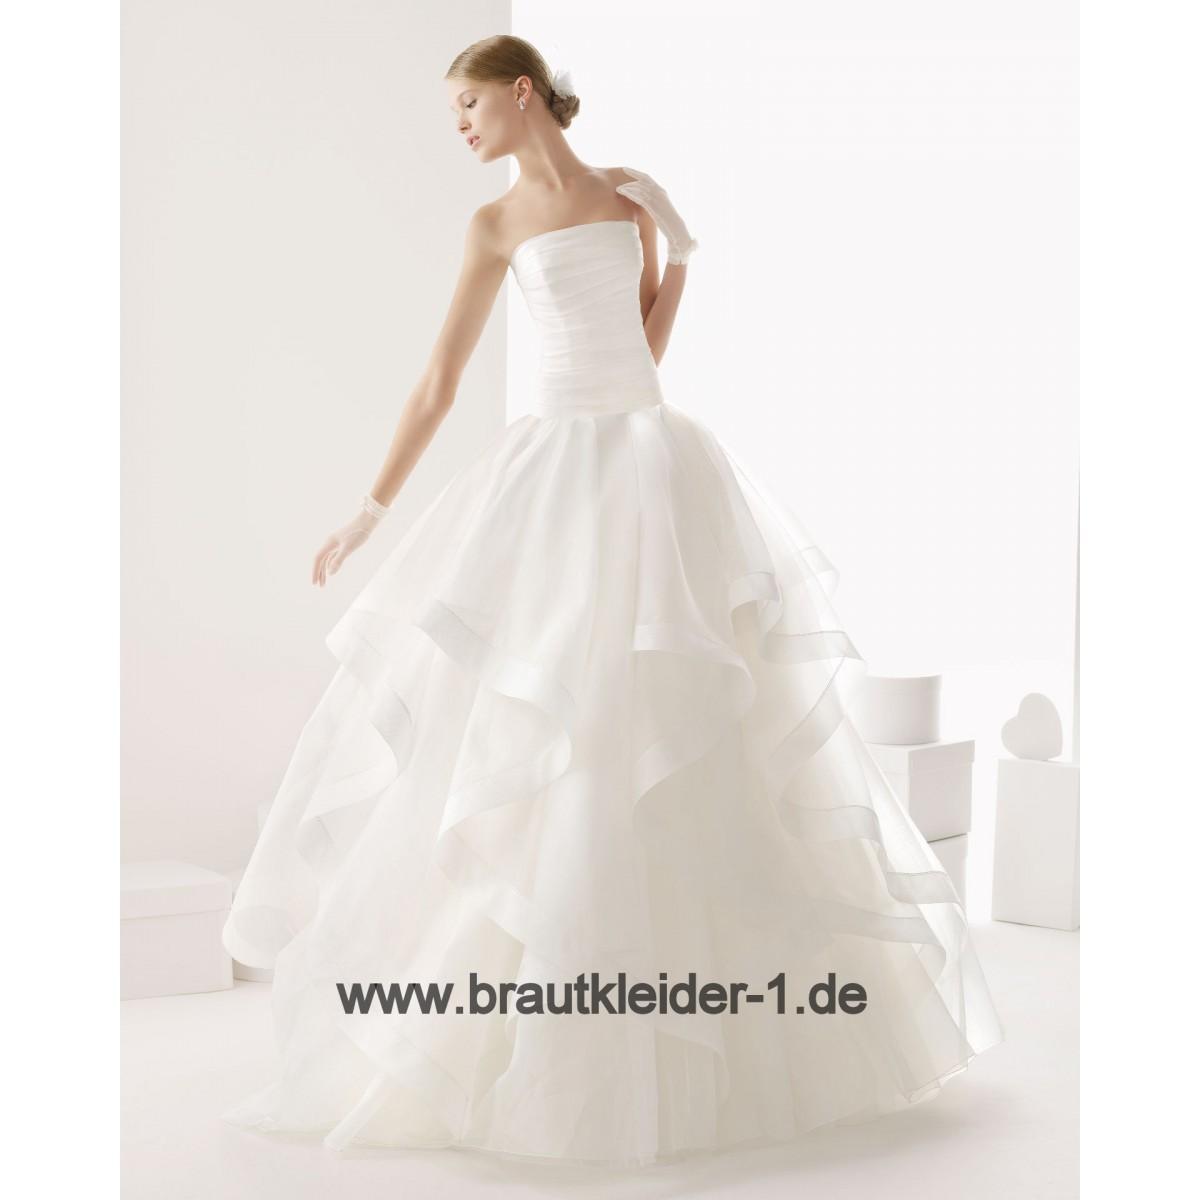 Brautkleider Online auf Rechnung